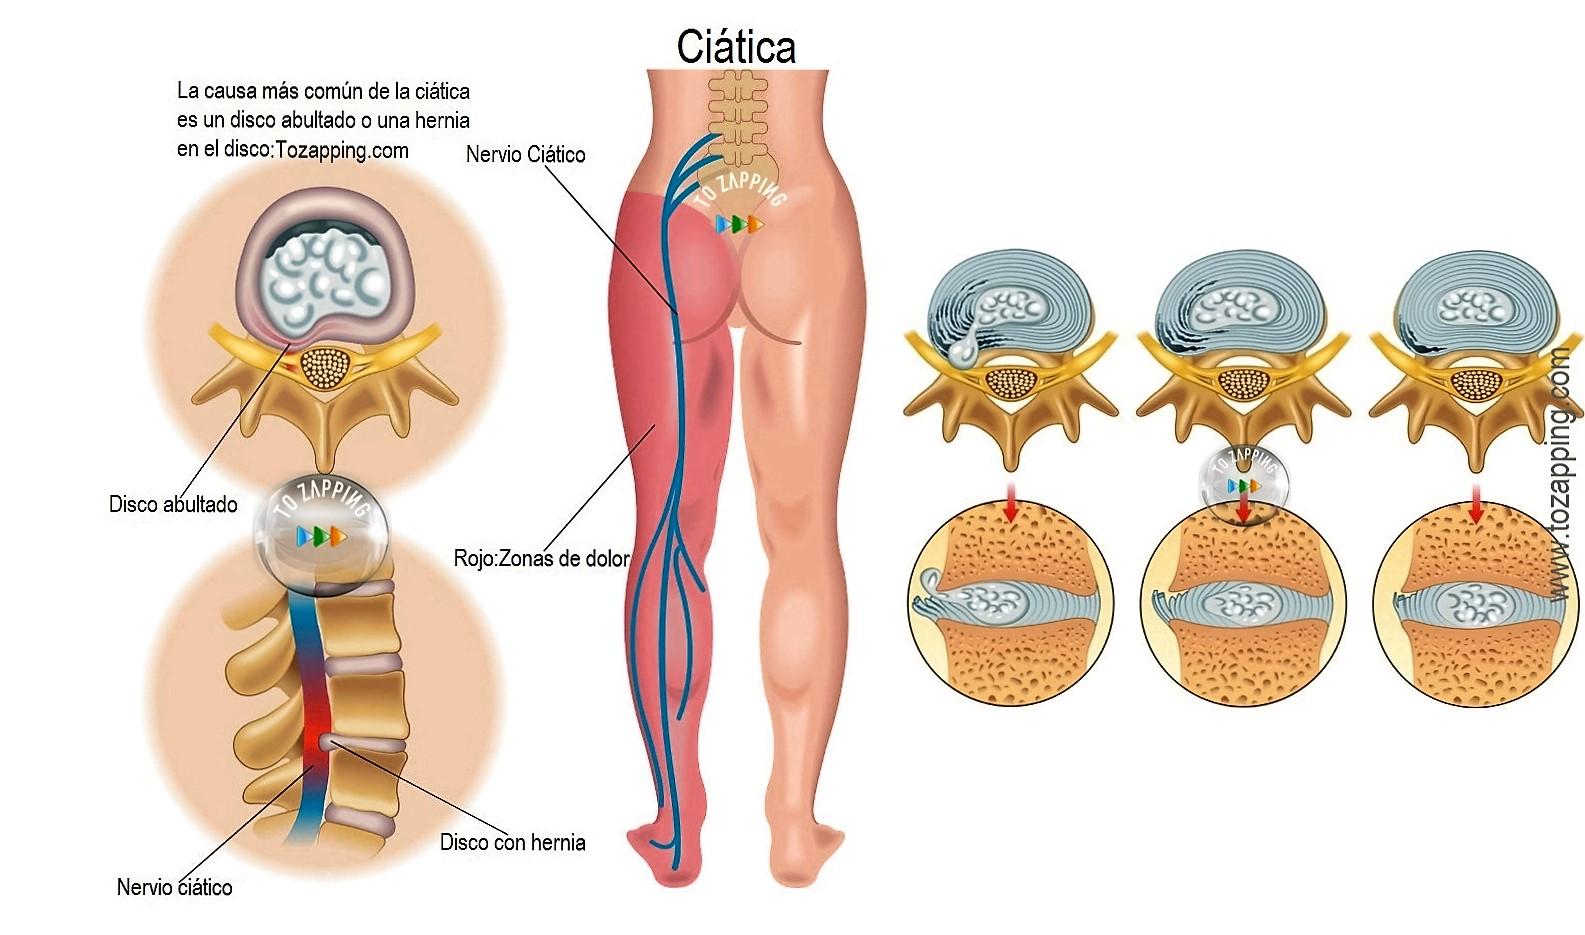 fisioterapia para el tratamiento de la ciática.